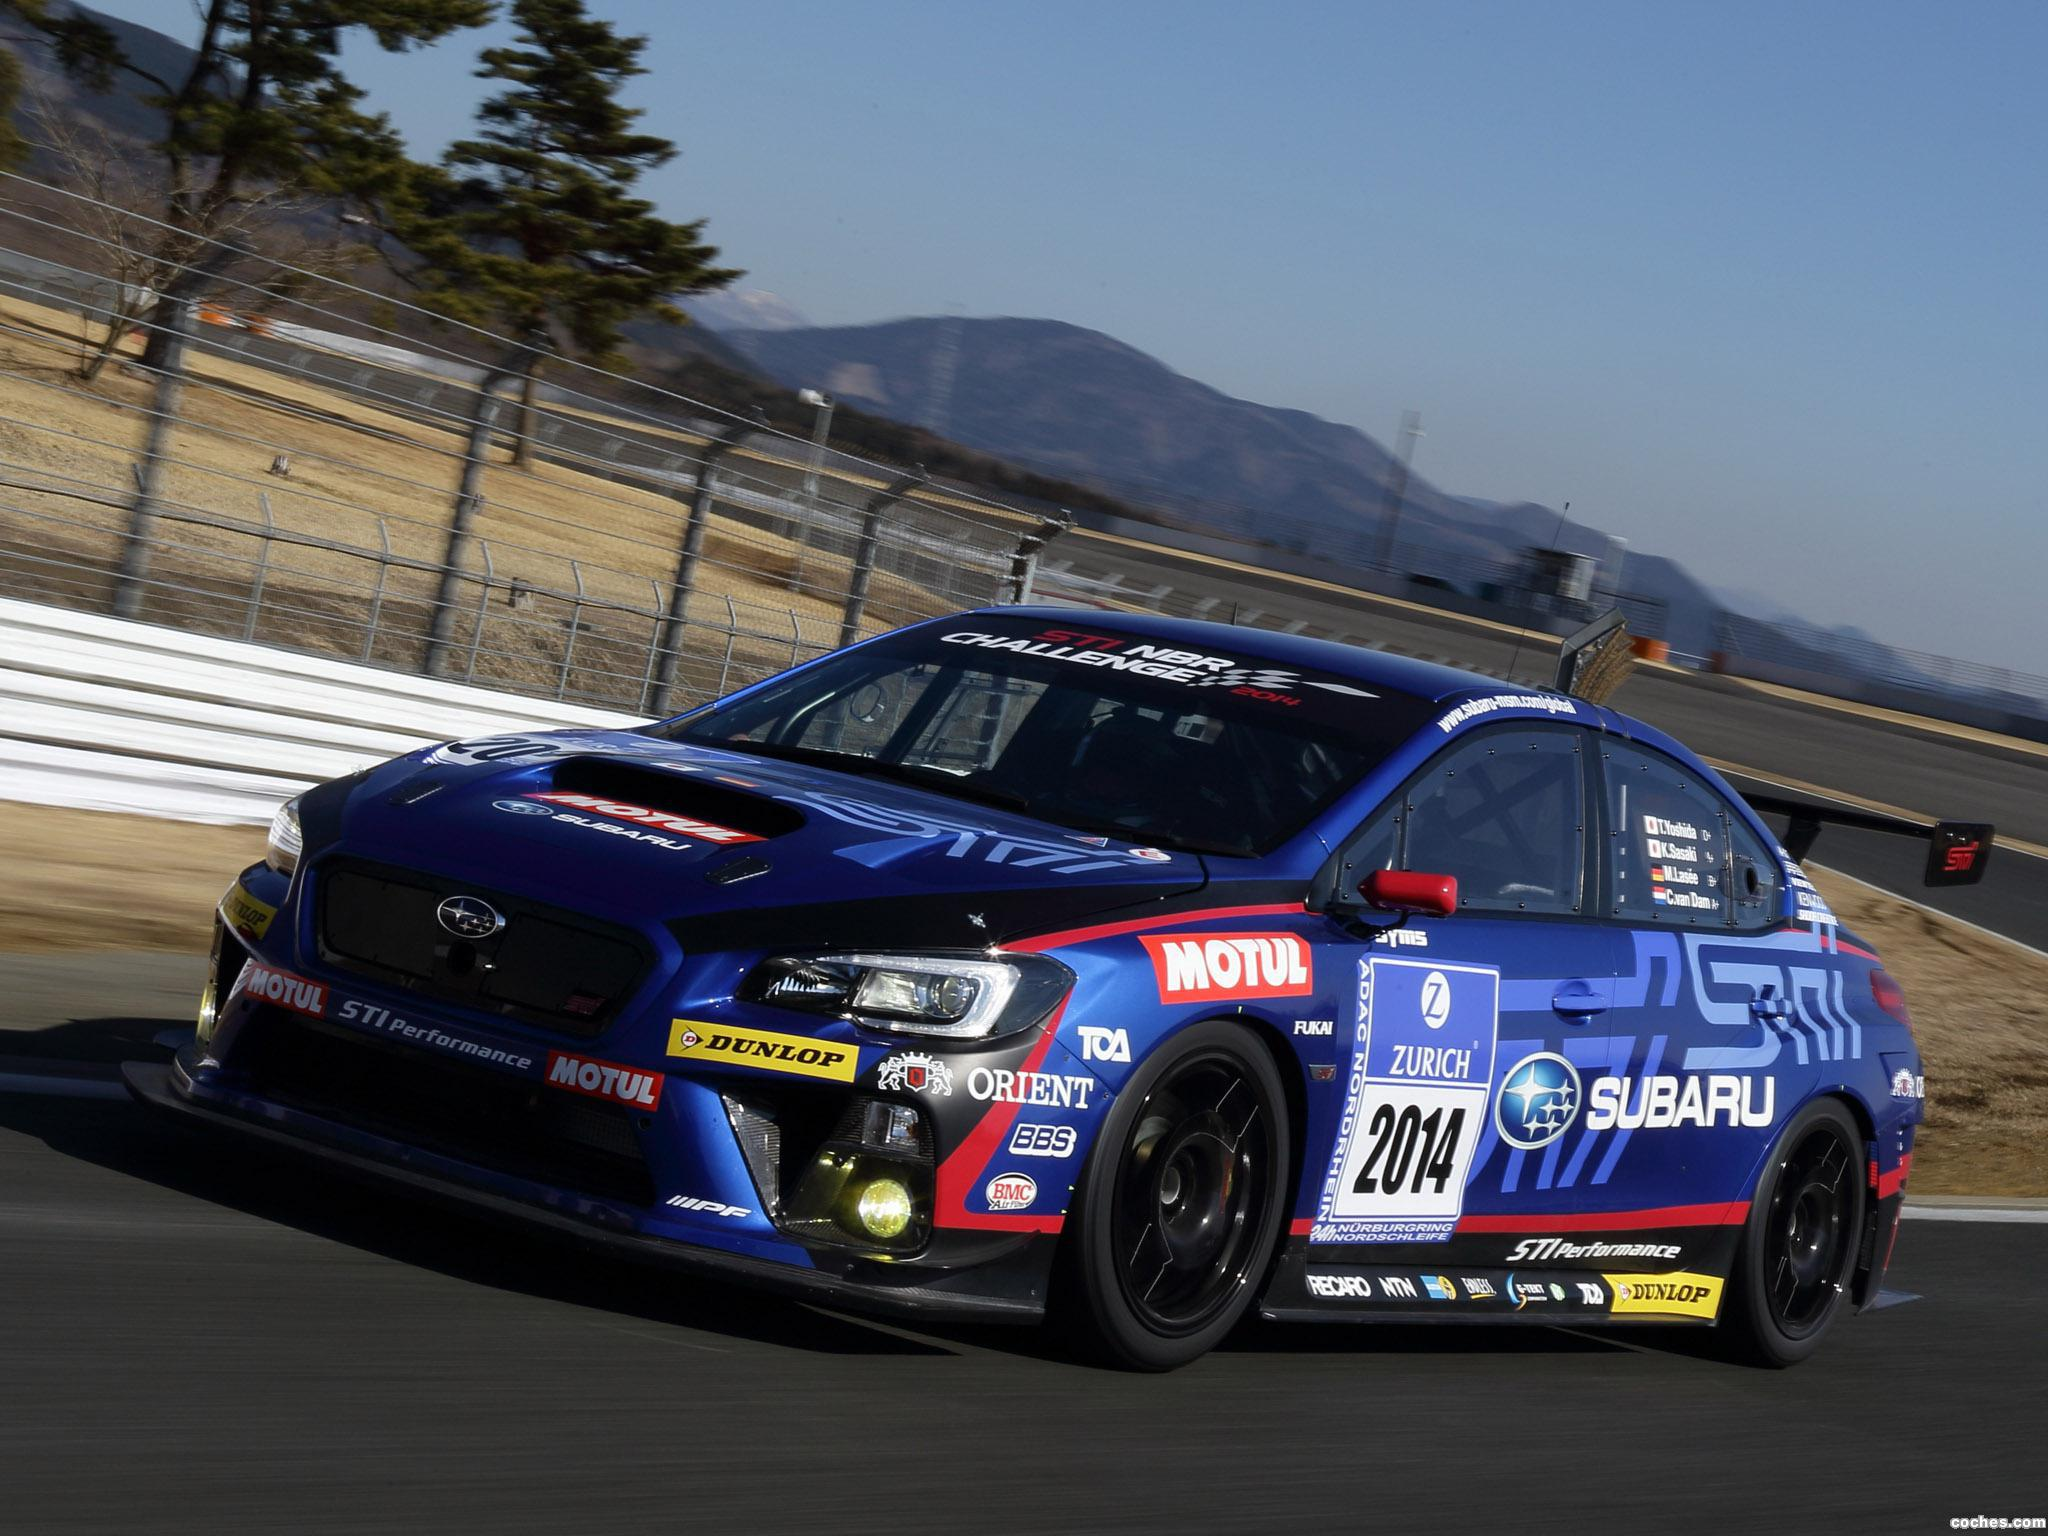 Foto 2 de Subaru WRX STI Race Car 2014